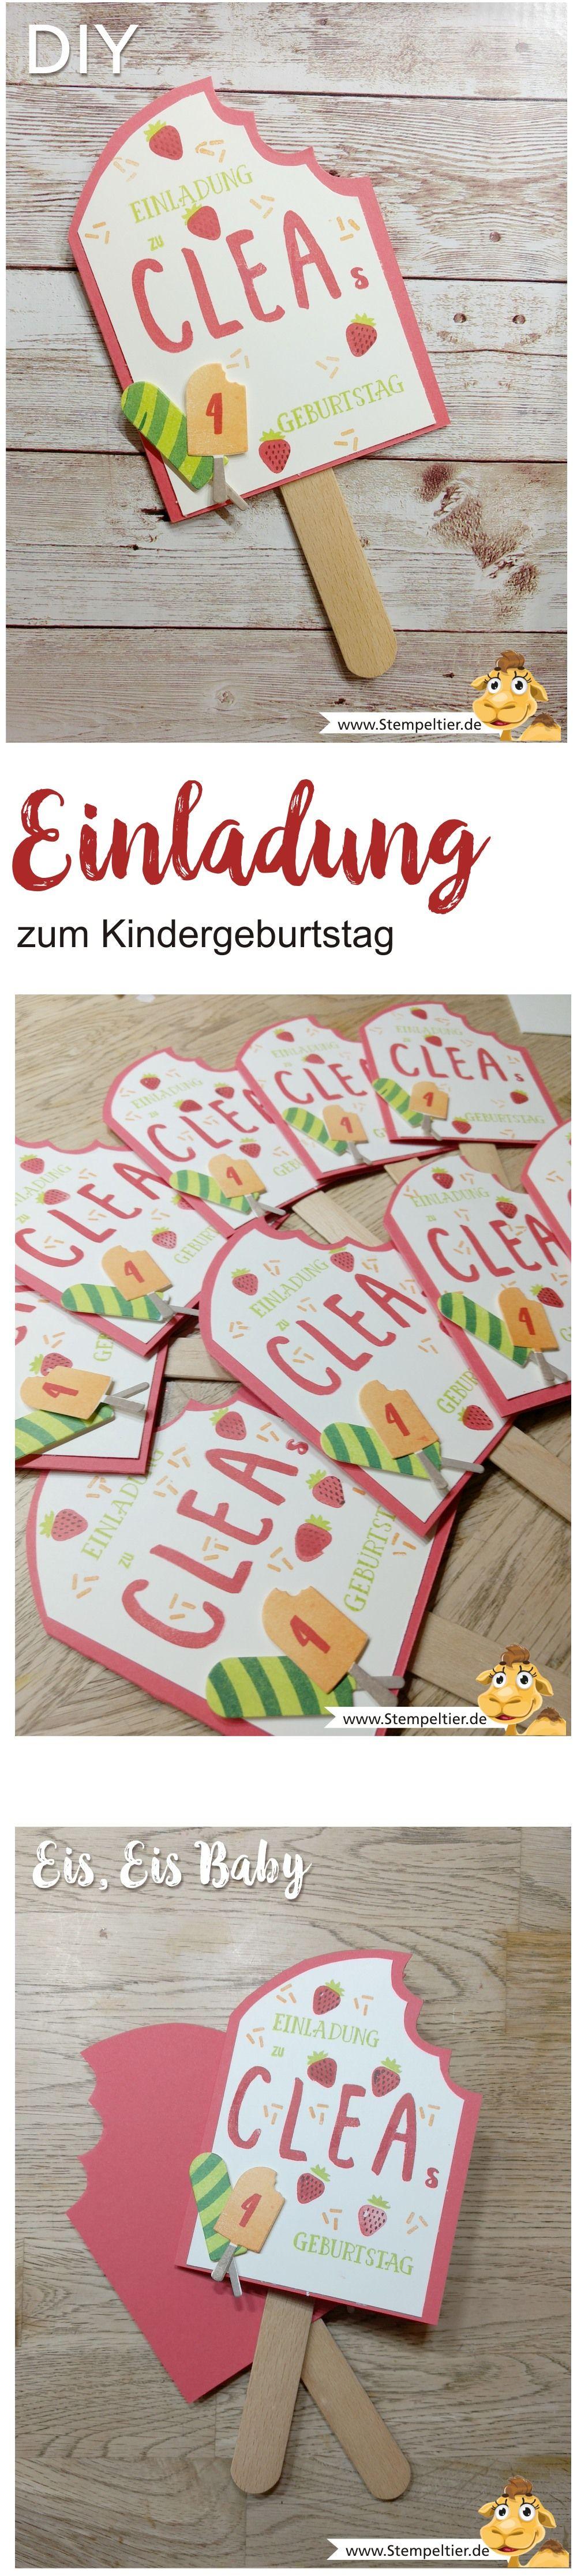 Stampin Up Blog Einladung Kindergeburtstag 4 Eis Eis Baby Icecream  Stempeltier Birthday Invitation